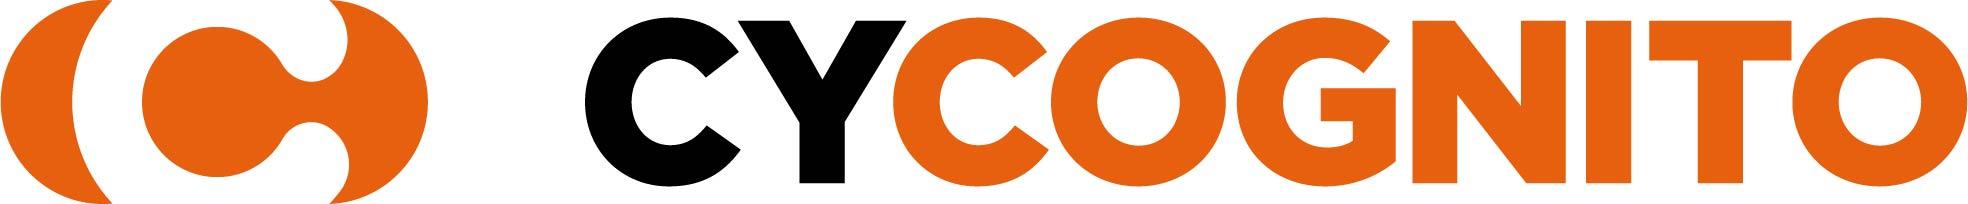 LOGO-CyCognito.jpg